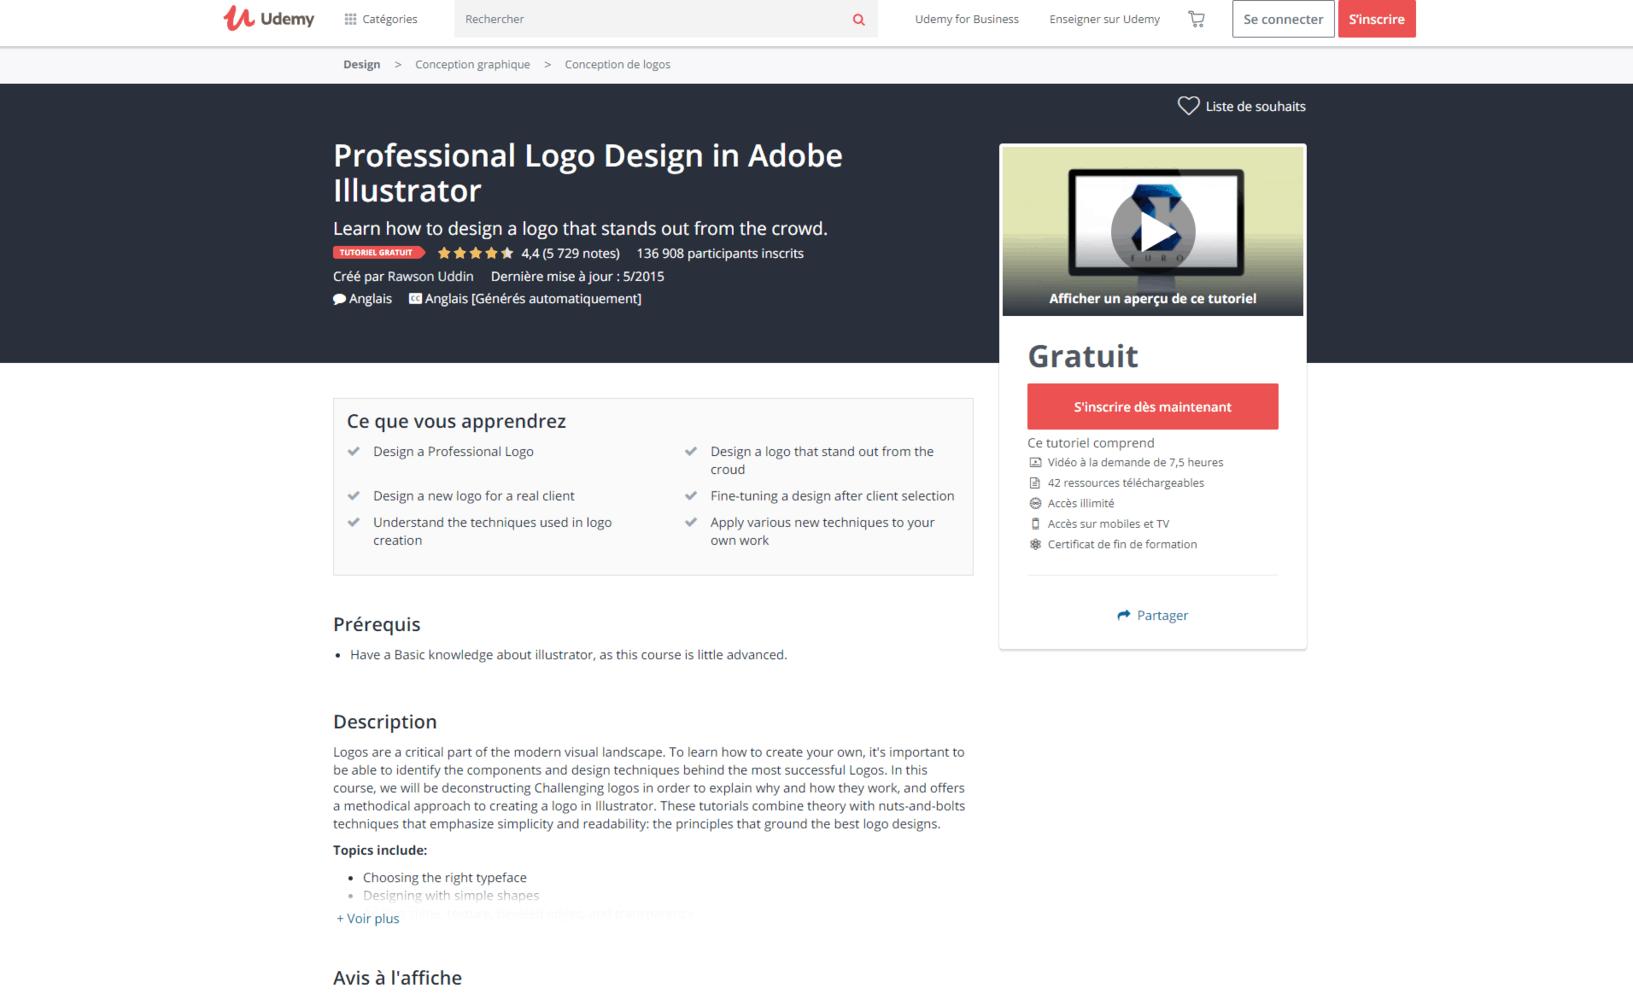 Création de logo professionnel dans Adobe Illustrator - Udemy